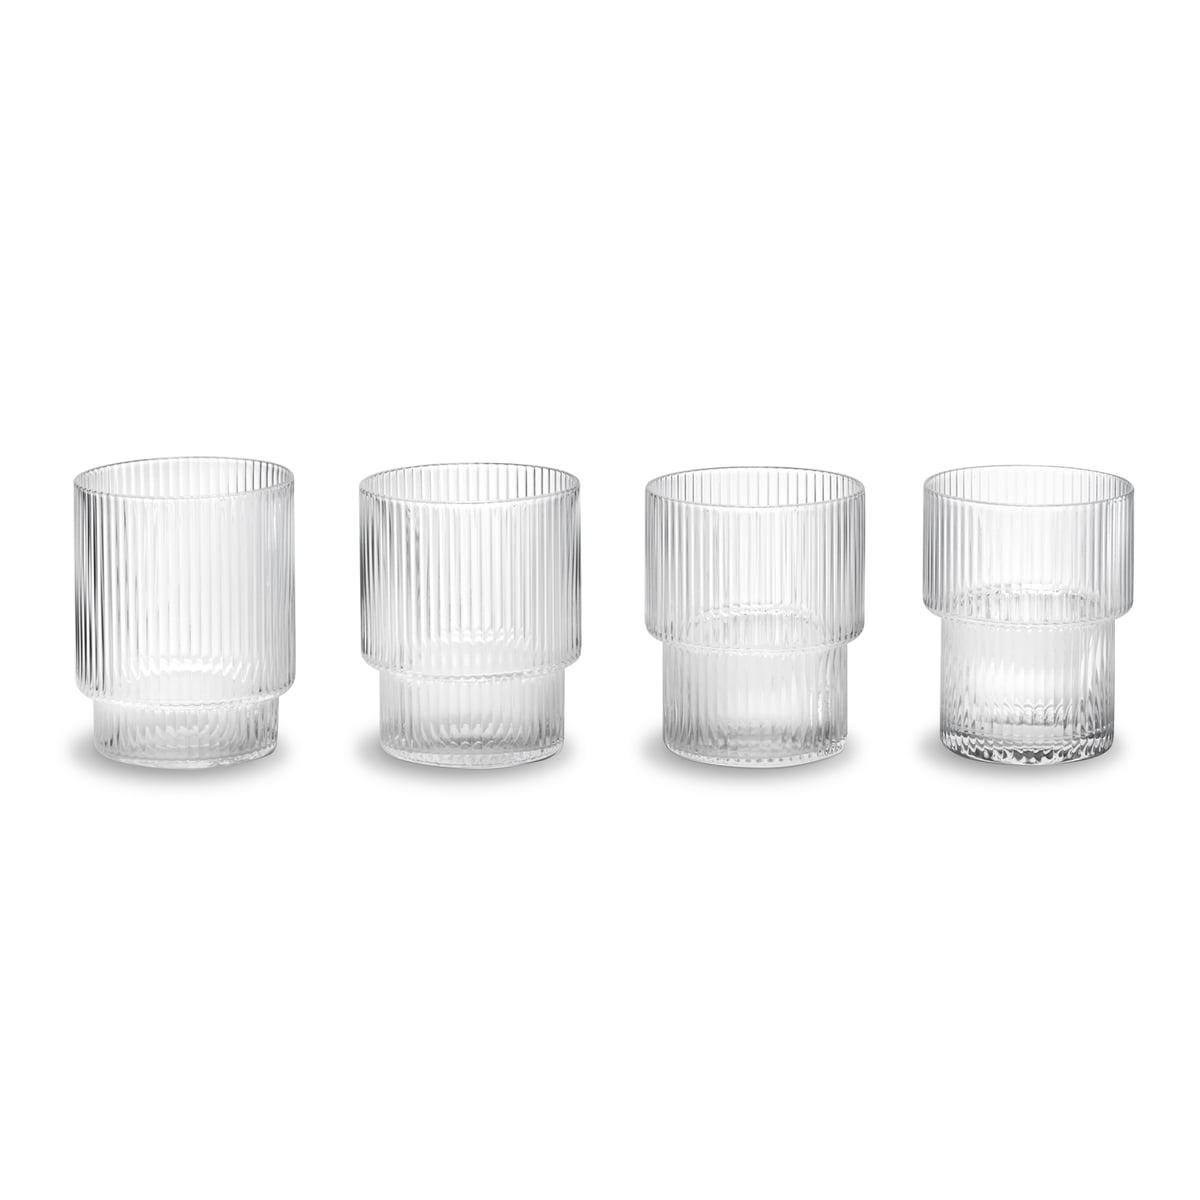 ferm Living - Ripple Gläser, klar (4er-Set) | Küche und Esszimmer > Besteck und Geschirr > Gläser | ferm living